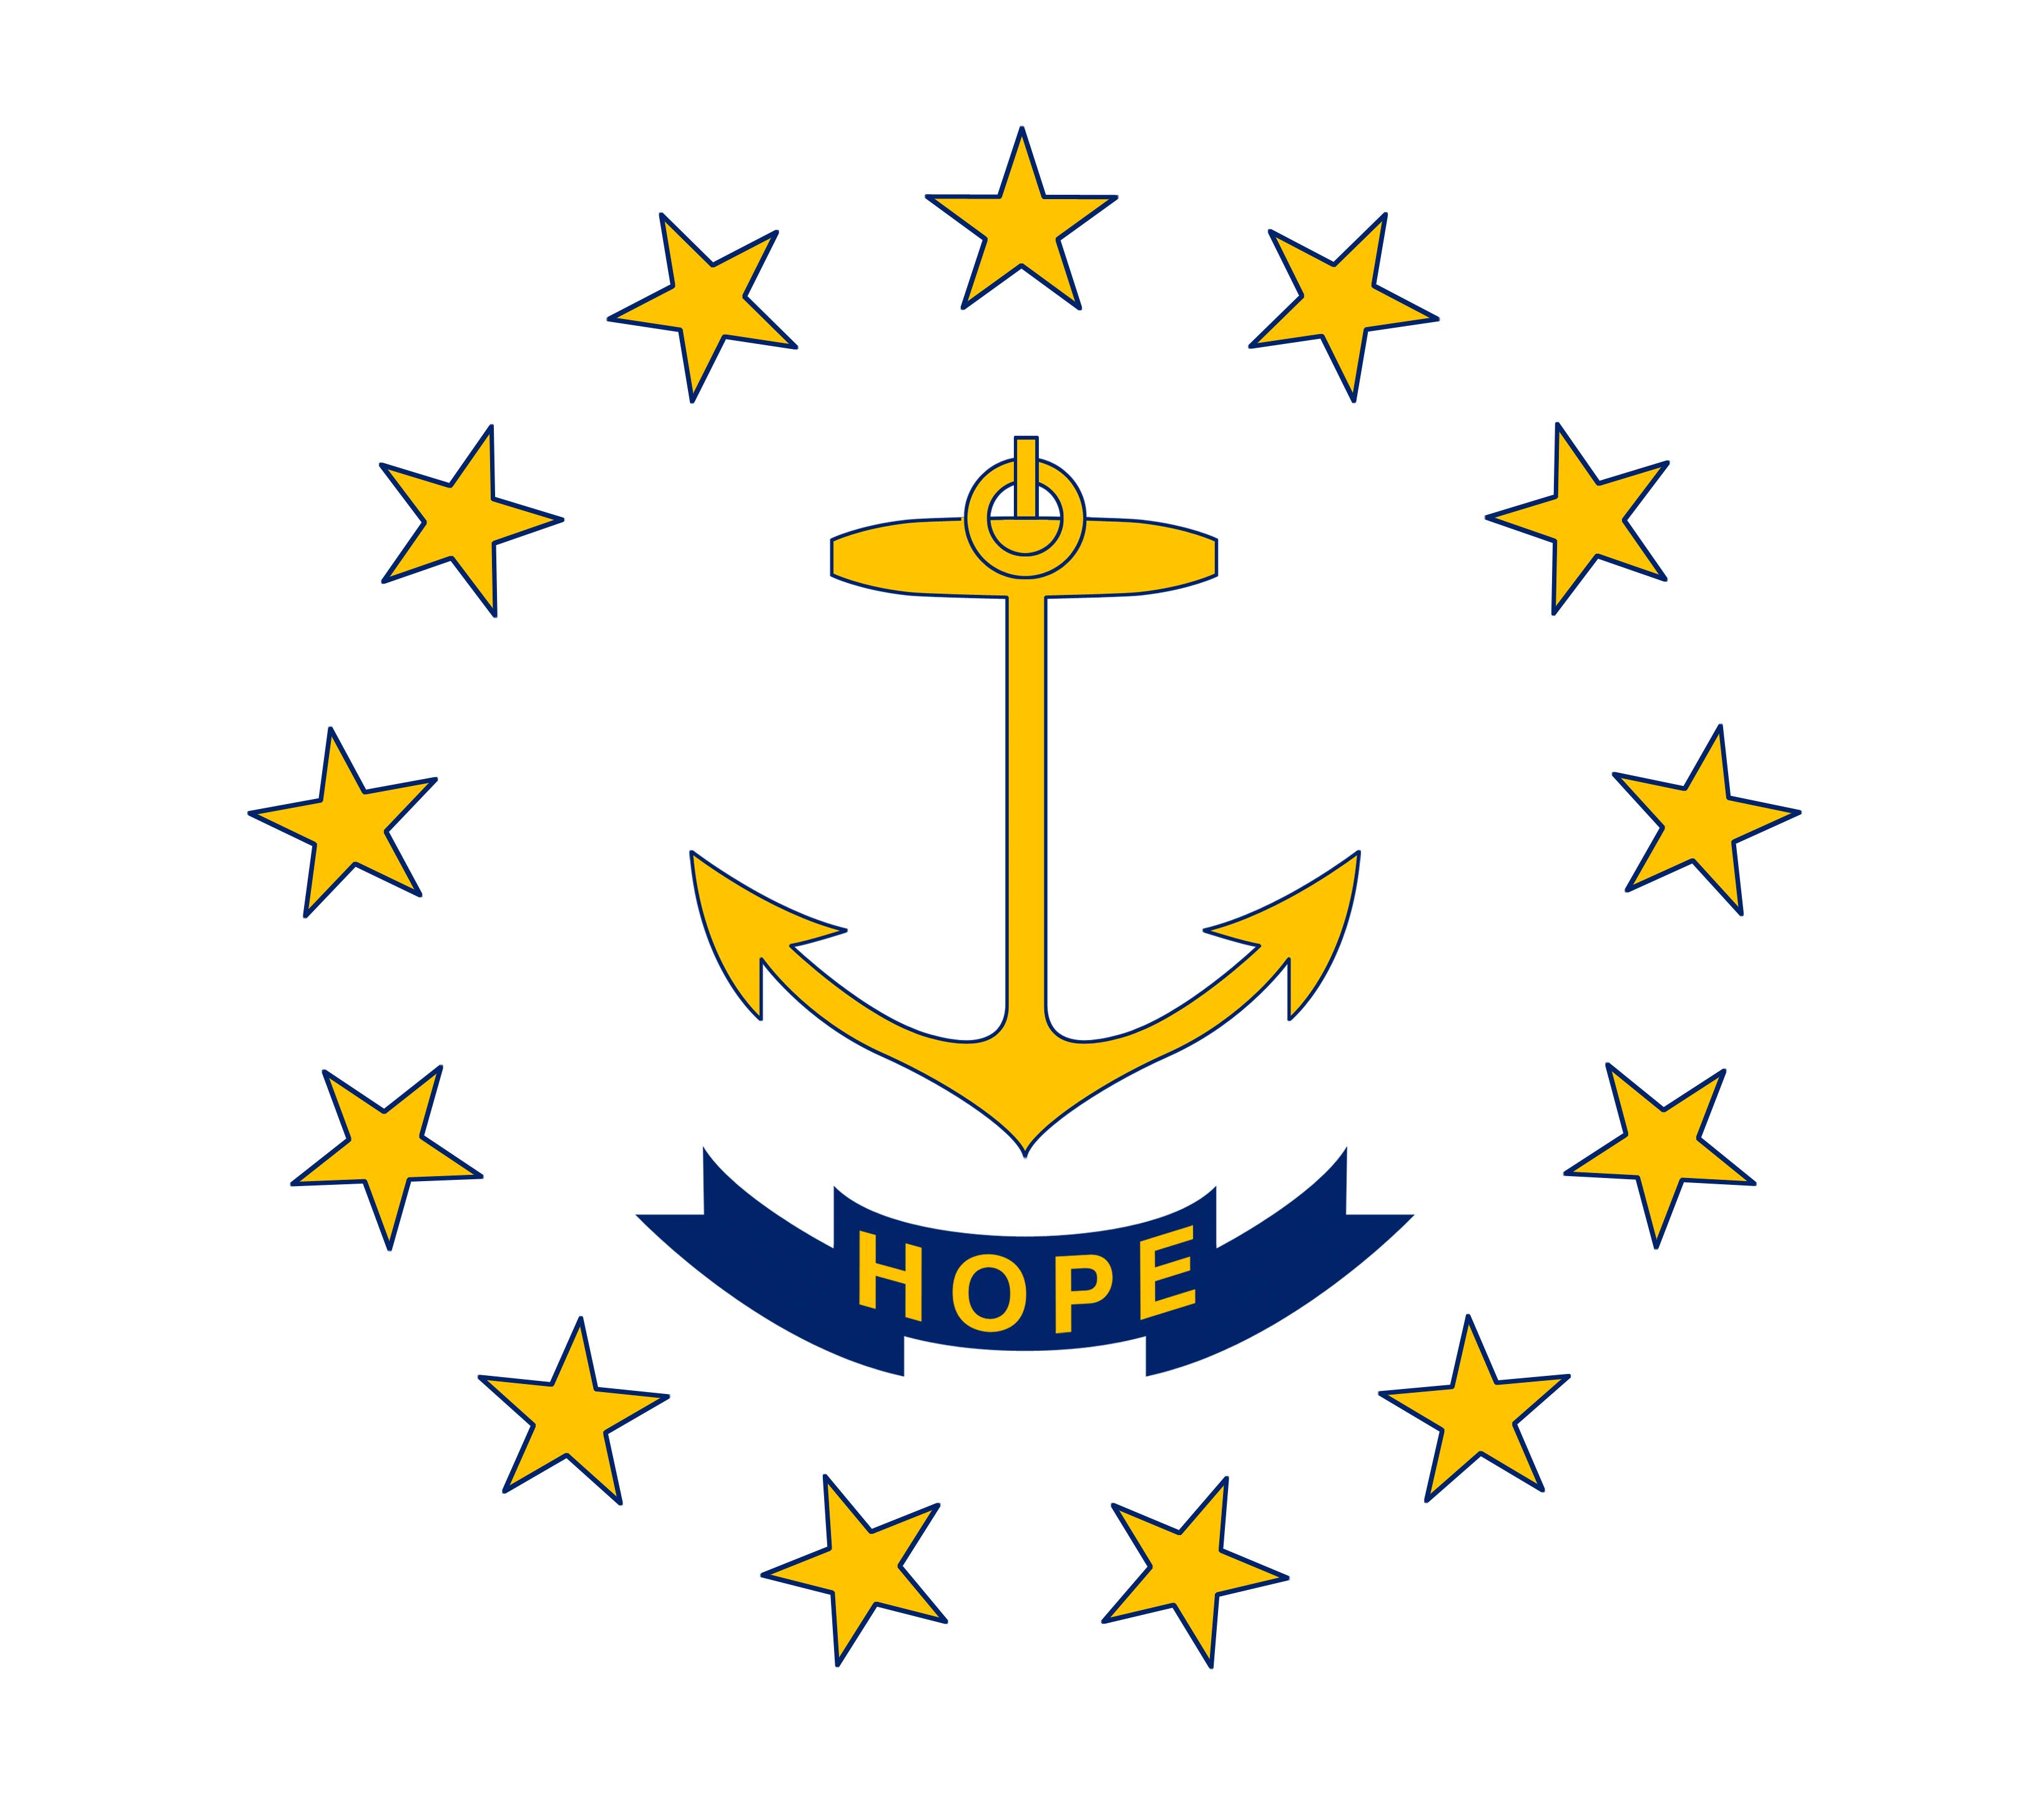 Photo USA Rhode Island Flag 3274x2877 3274x2877